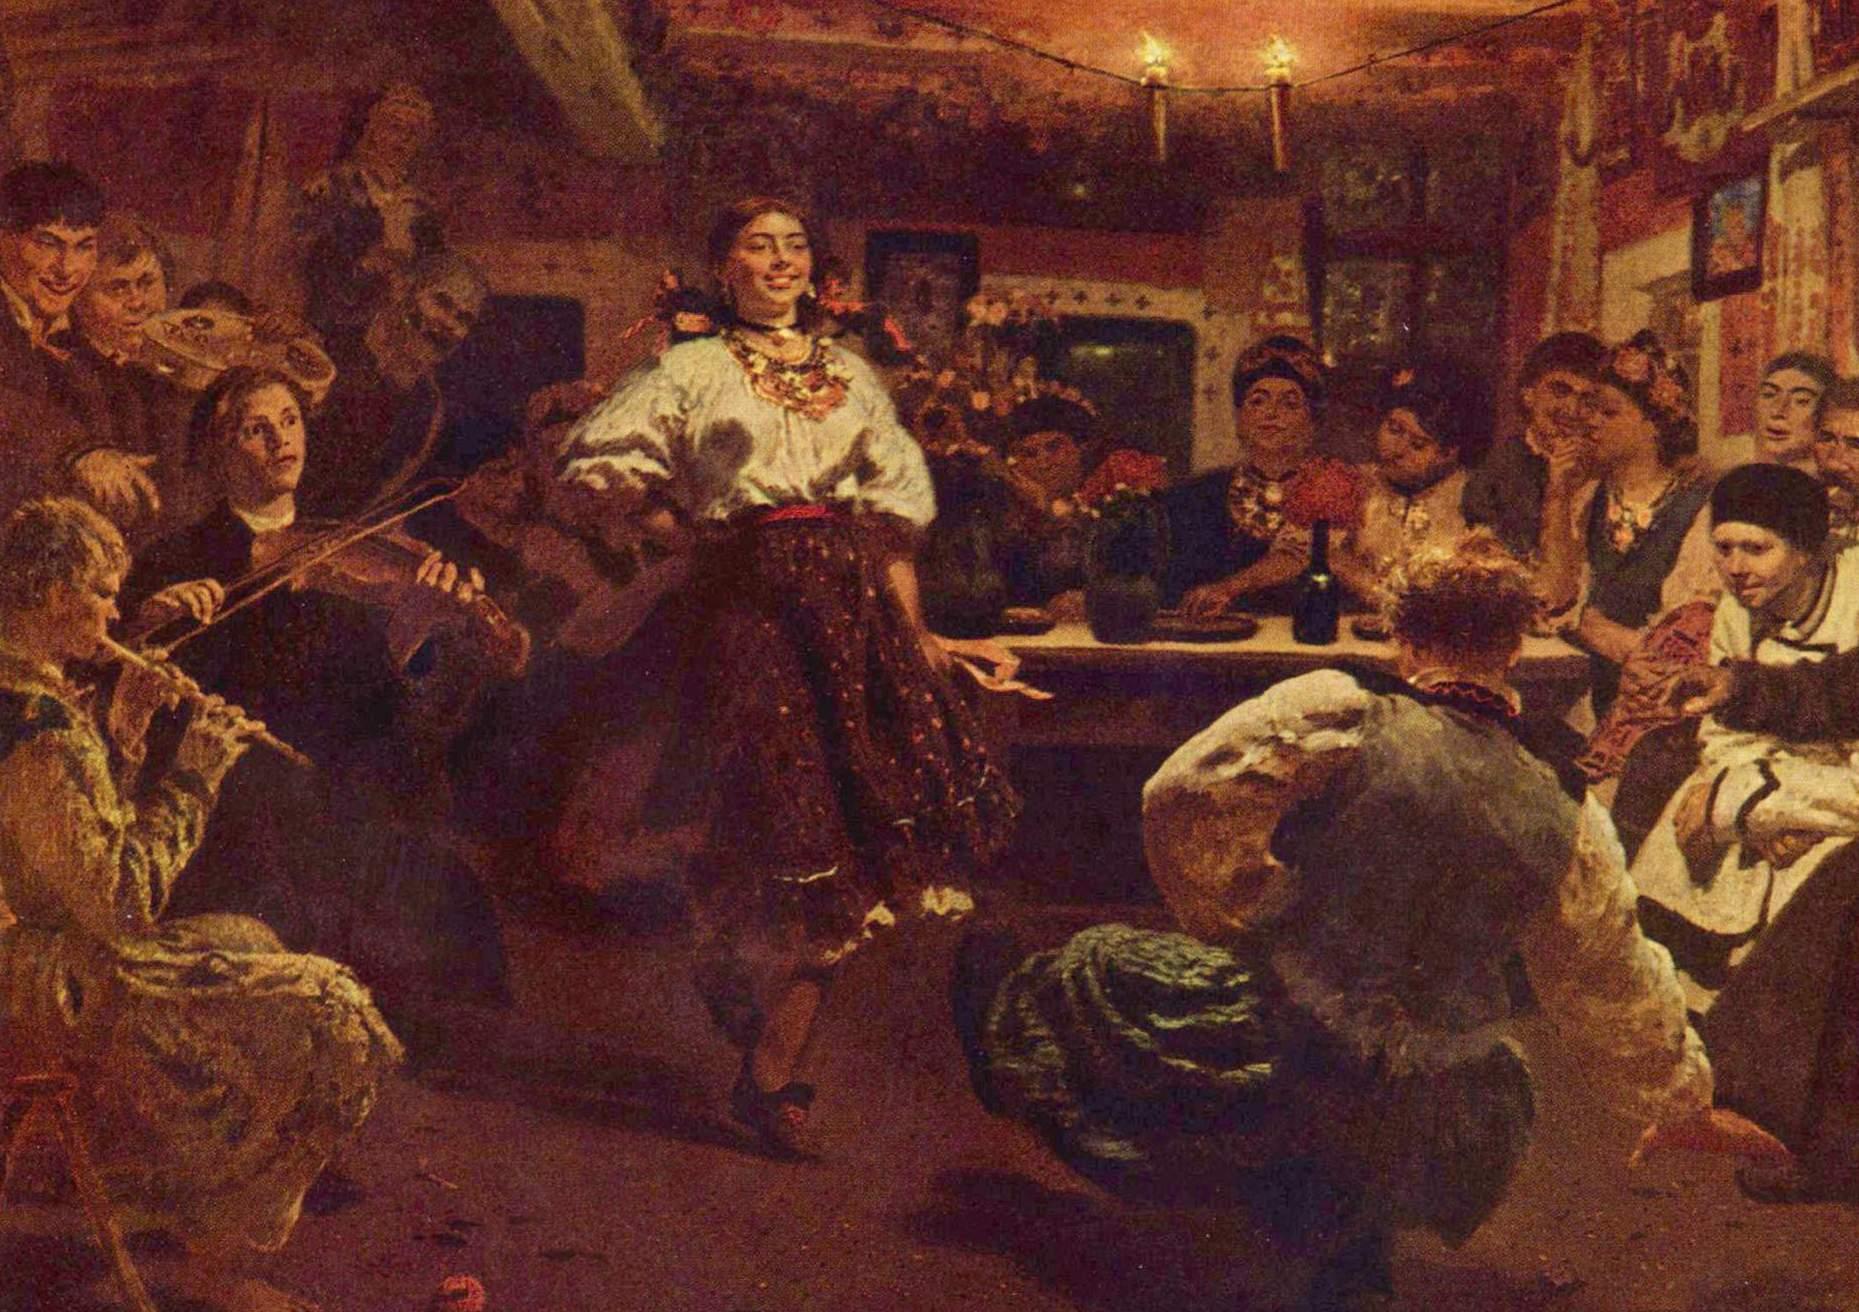 Традиційні розваги наших предків  вечорниці b0407ce26ba8f